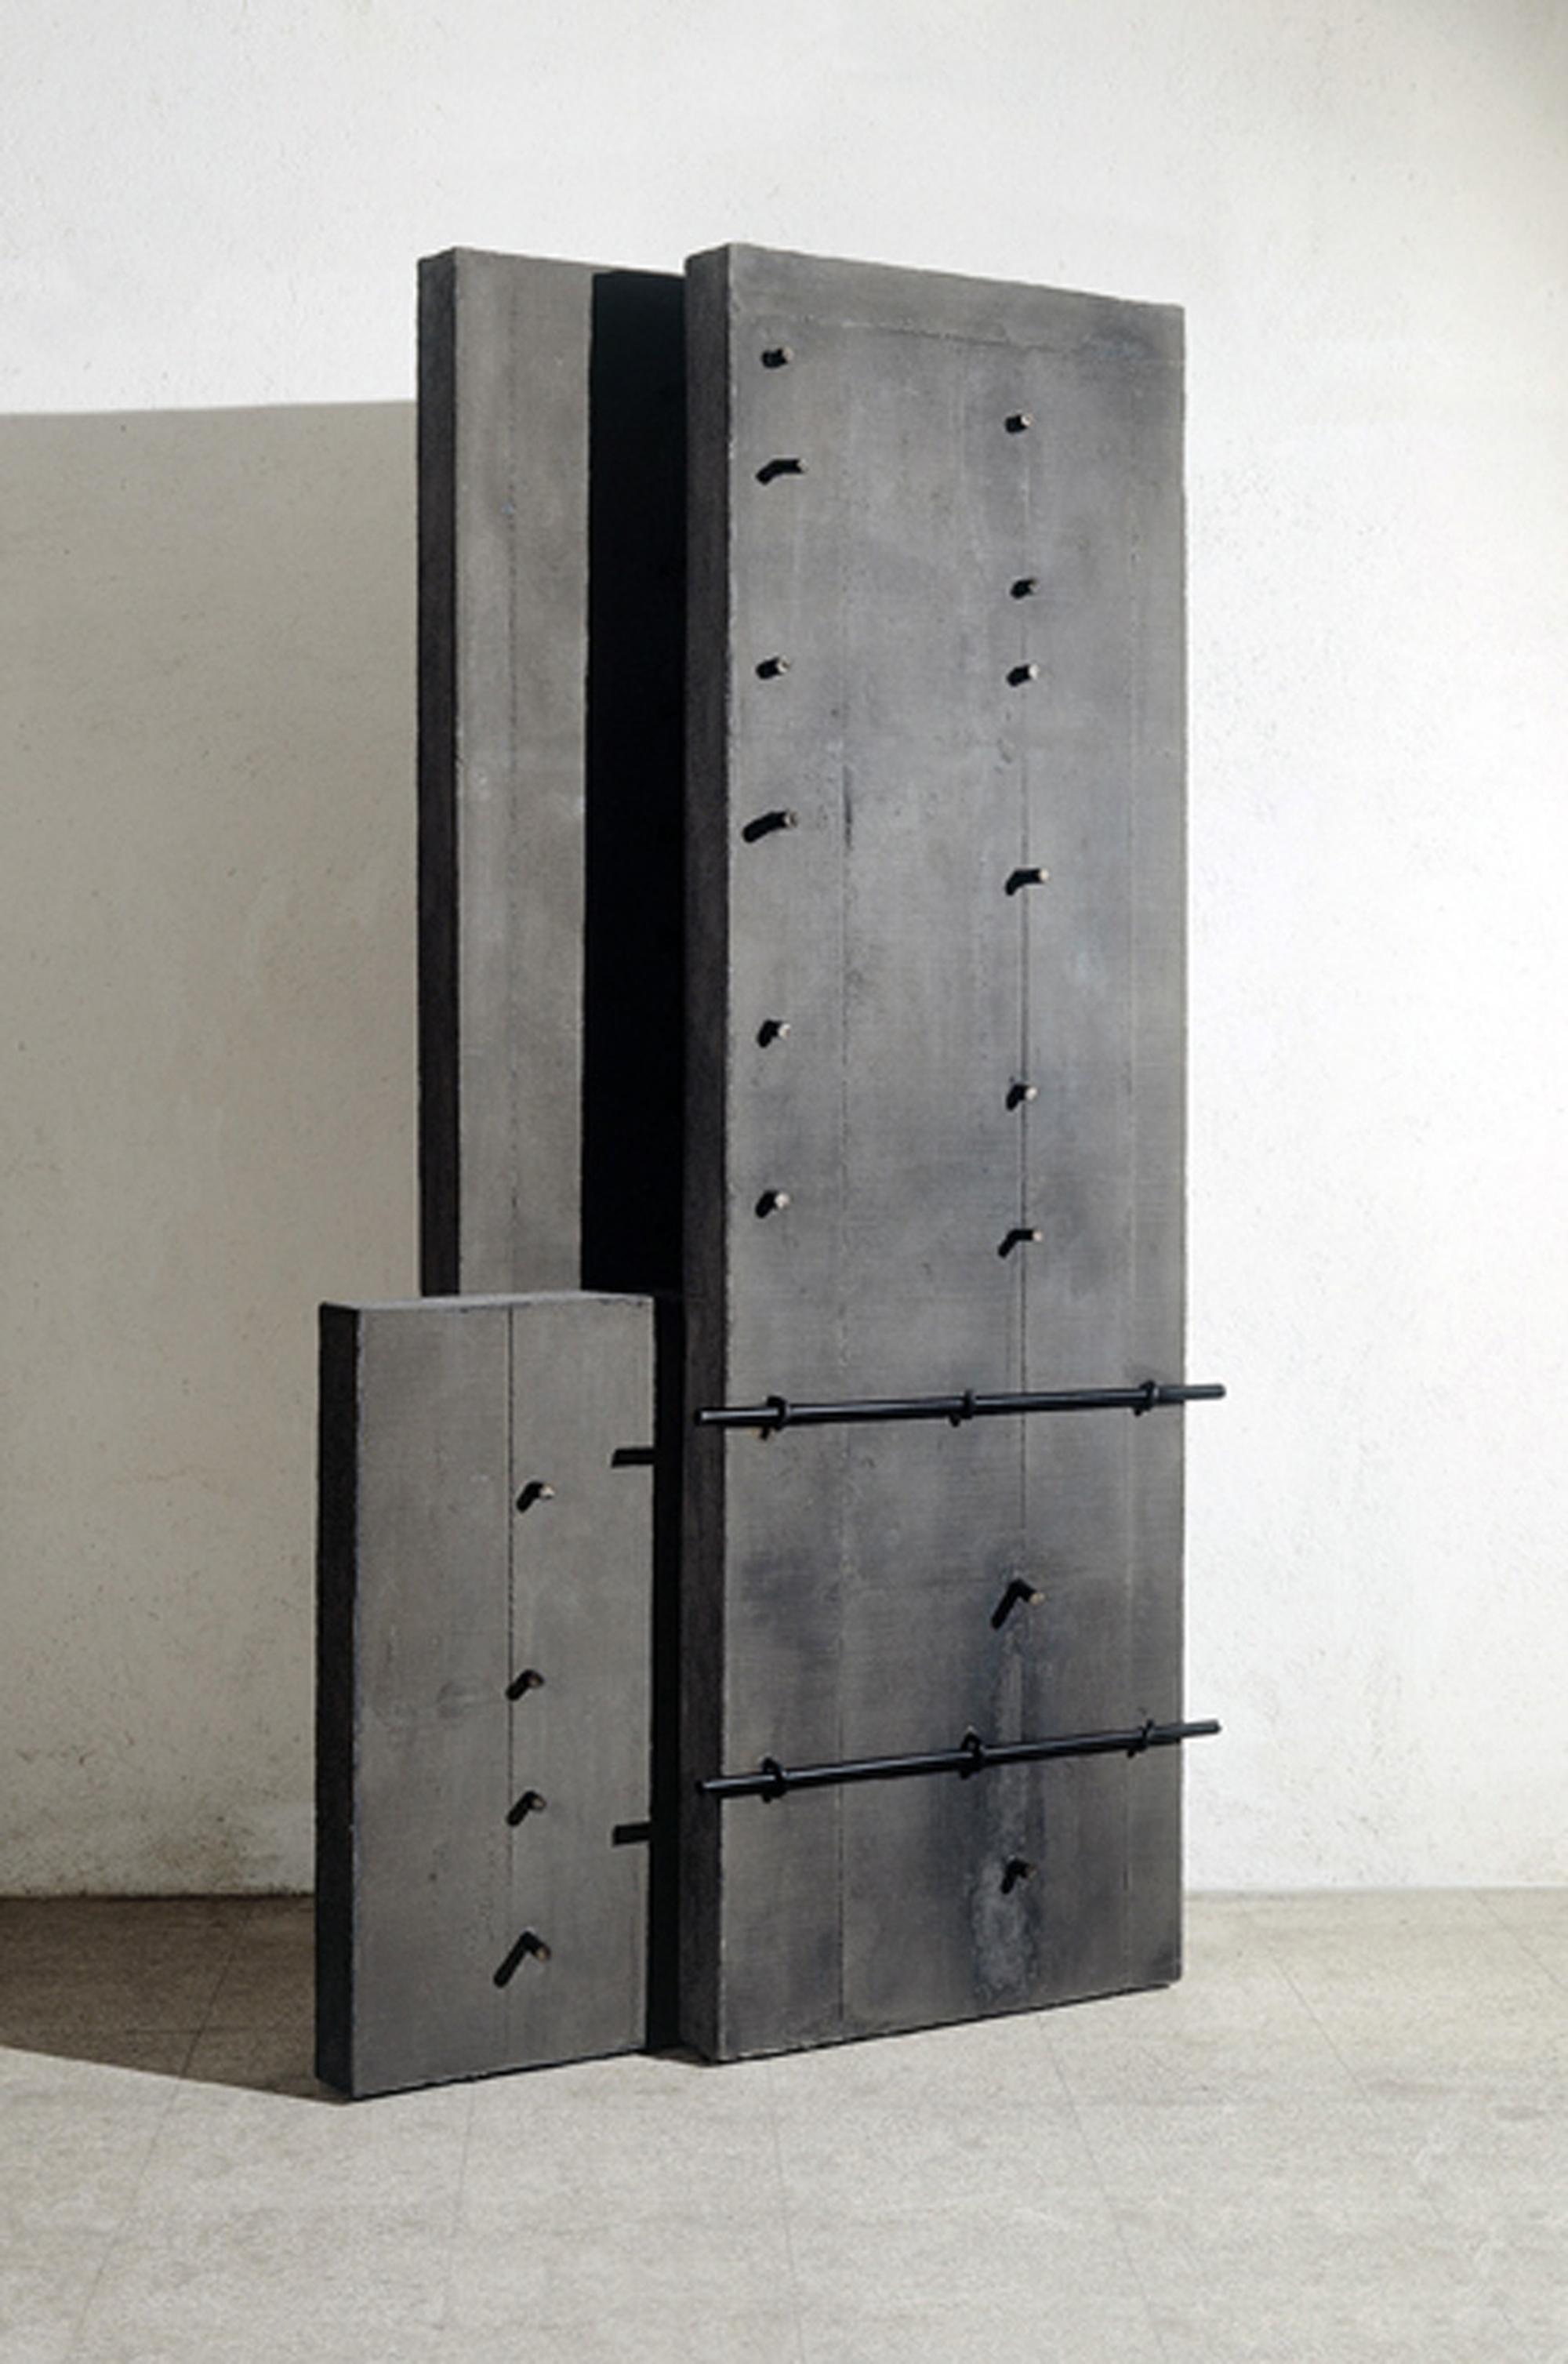 Giuseppe Uncini, Architetture n. 170, 2004 Cemento e ferro 252 × 140 × 42 cm, @Archivio Giuseppe Uncini